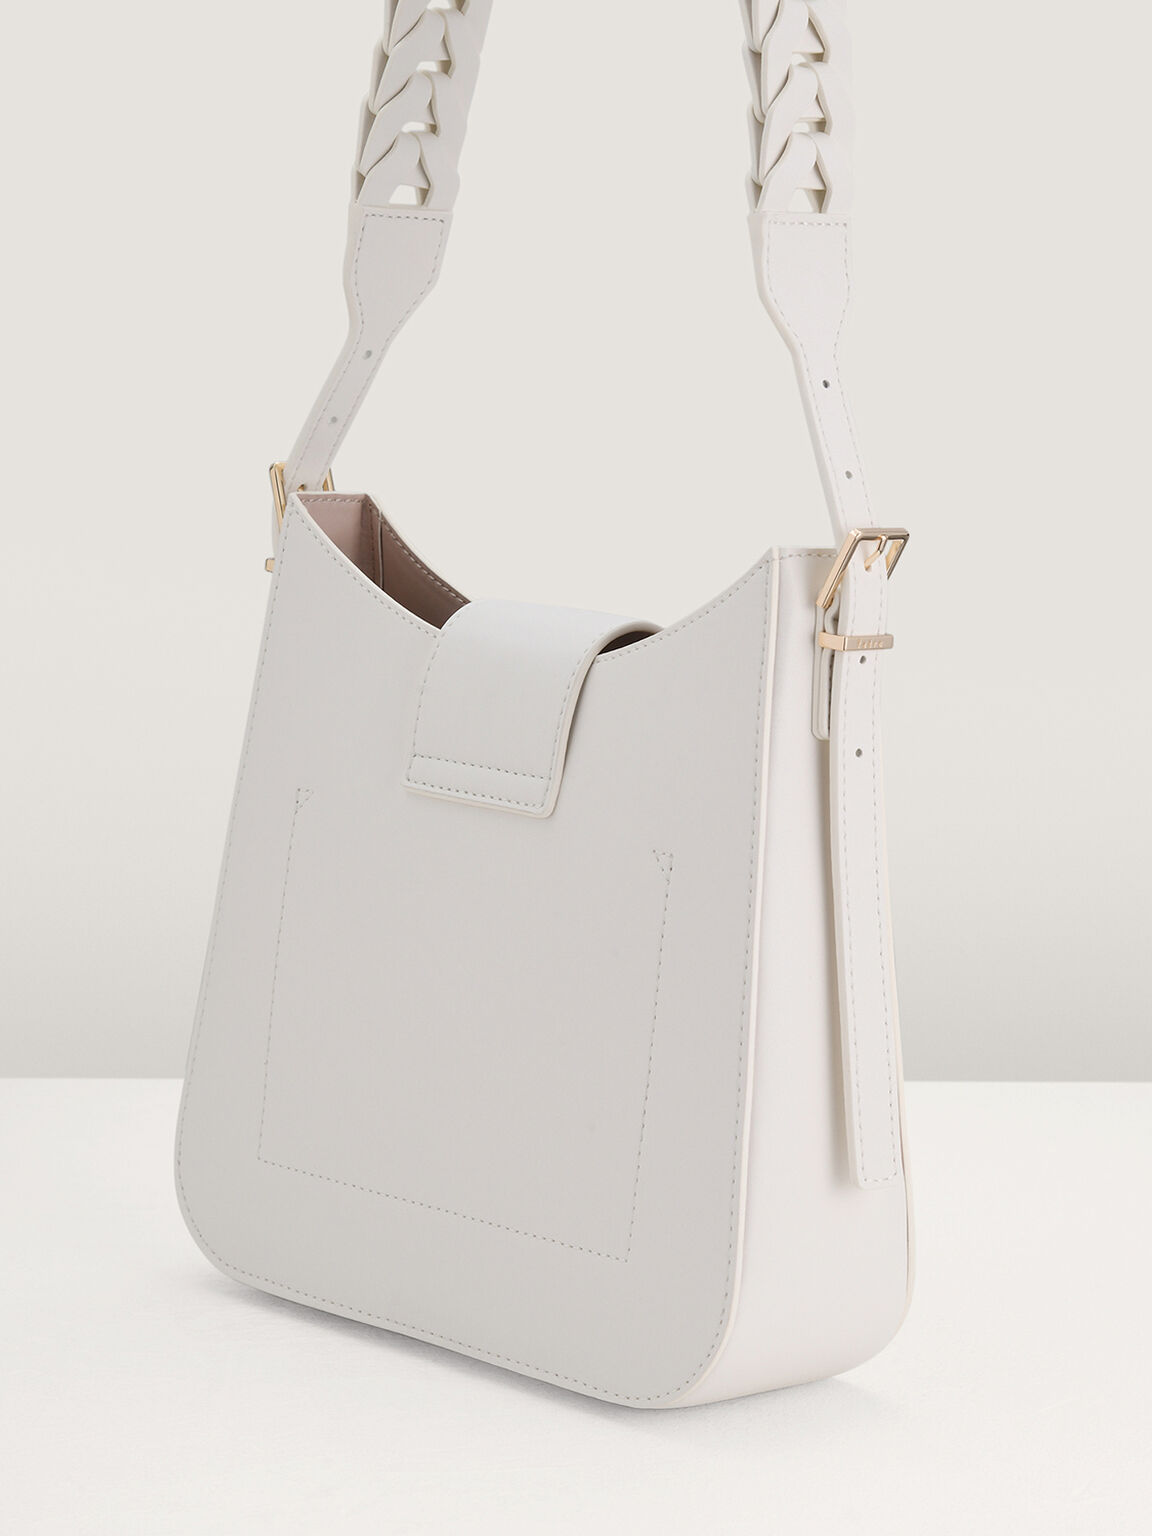 Structured Hobo Bag, White, hi-res